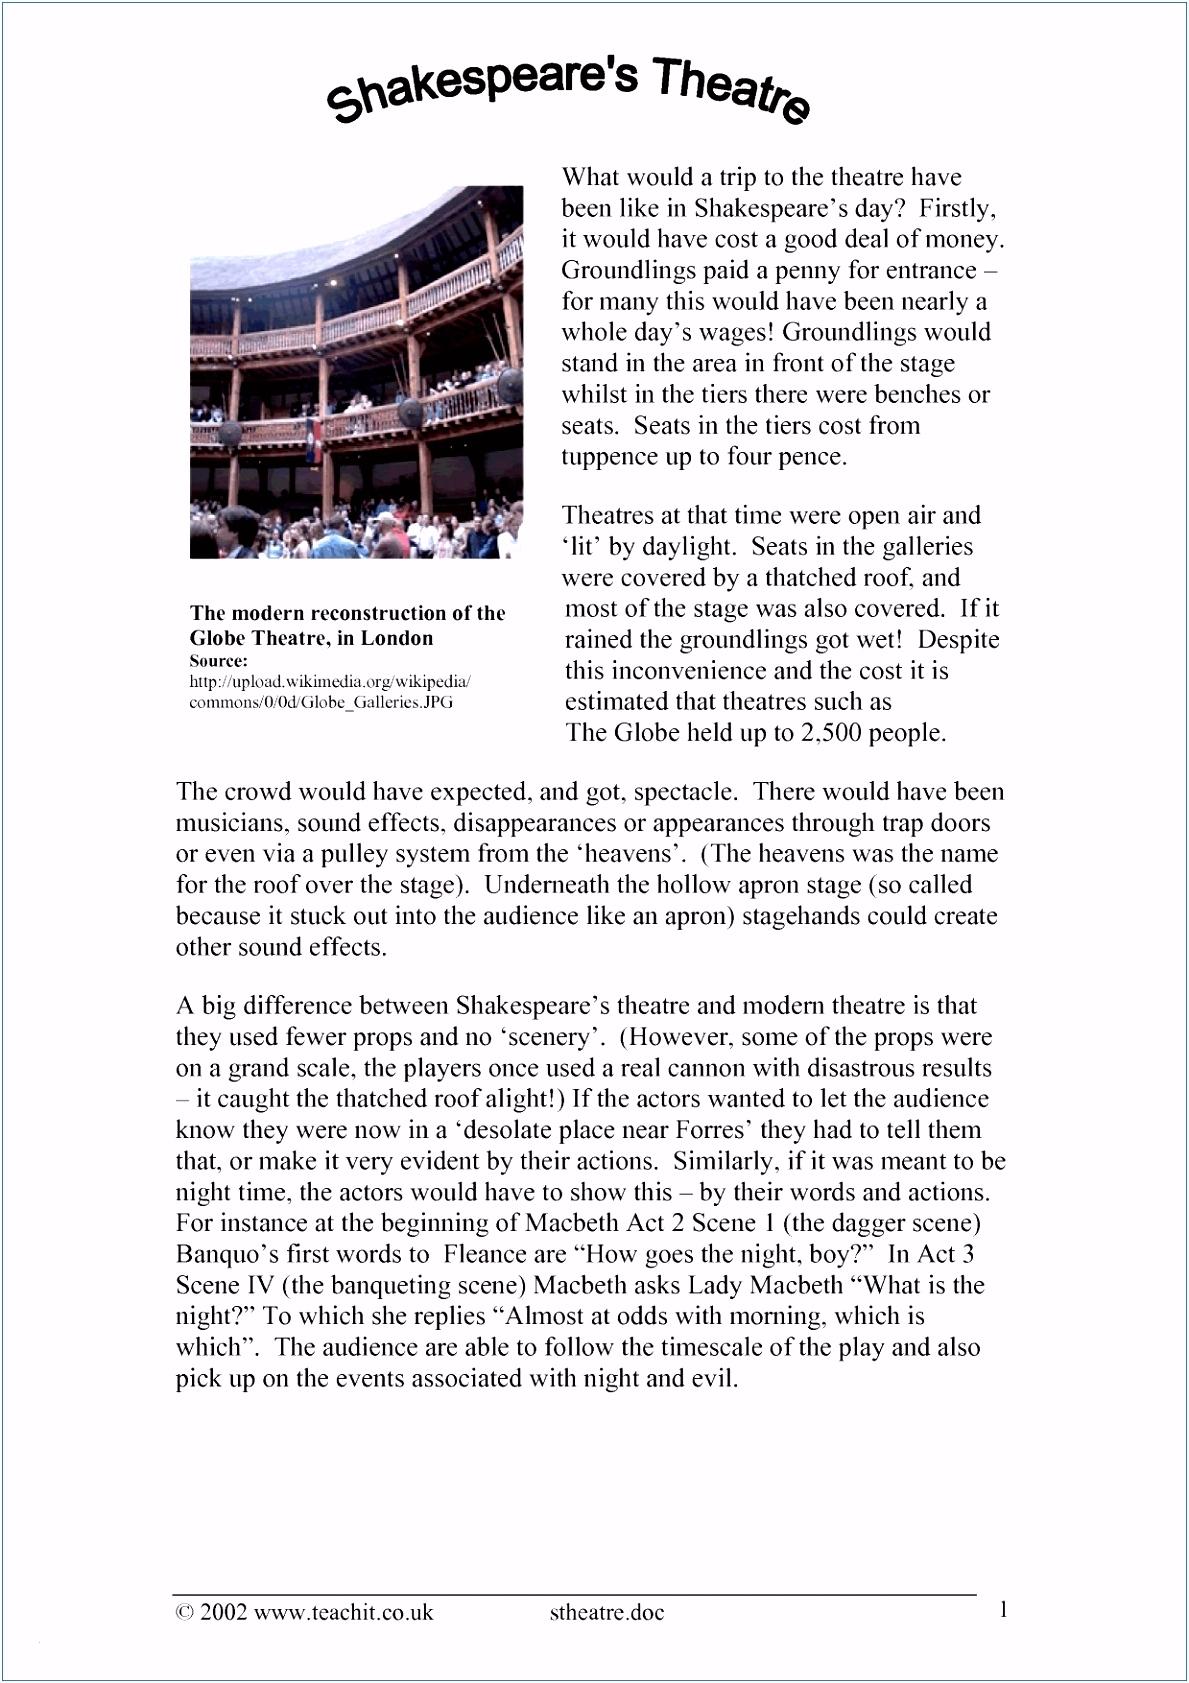 Geschiedenentestament Vorlage Testament Vorlage Kostenlos Downloaden Idee – Printable Last Will T1pb12ffs6 Bste6ujzn5